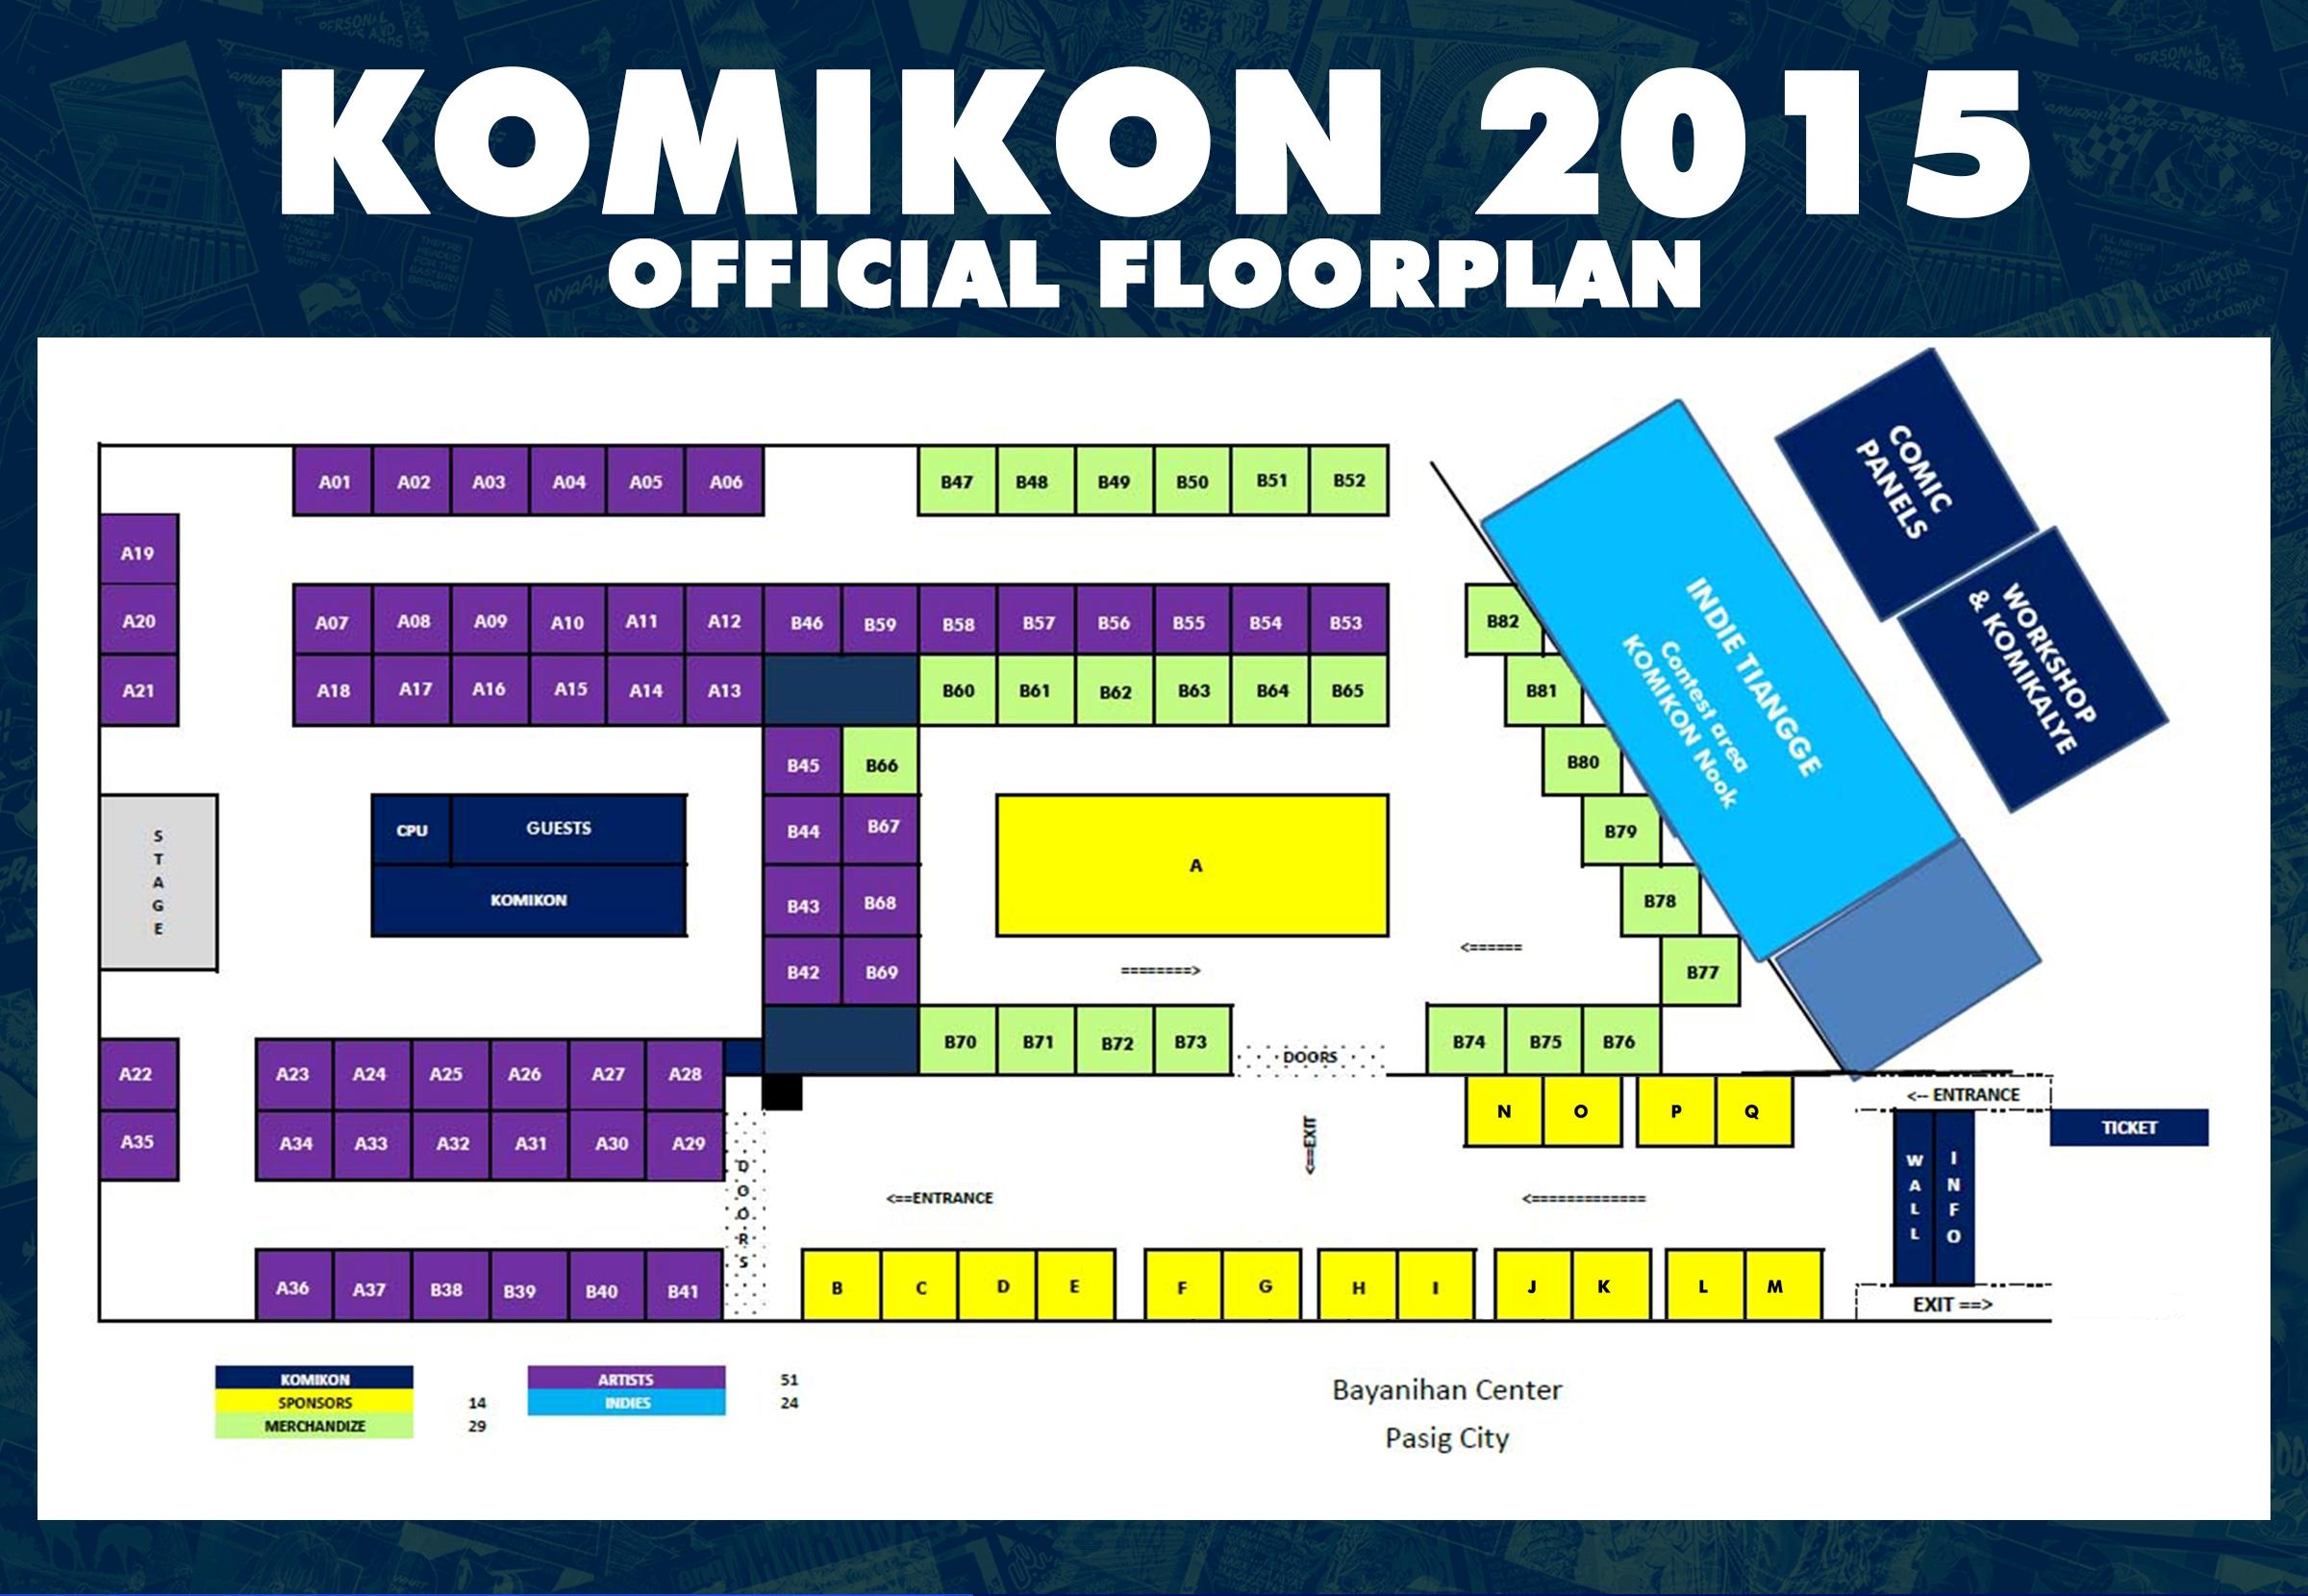 Komikon 2015 Floorplan